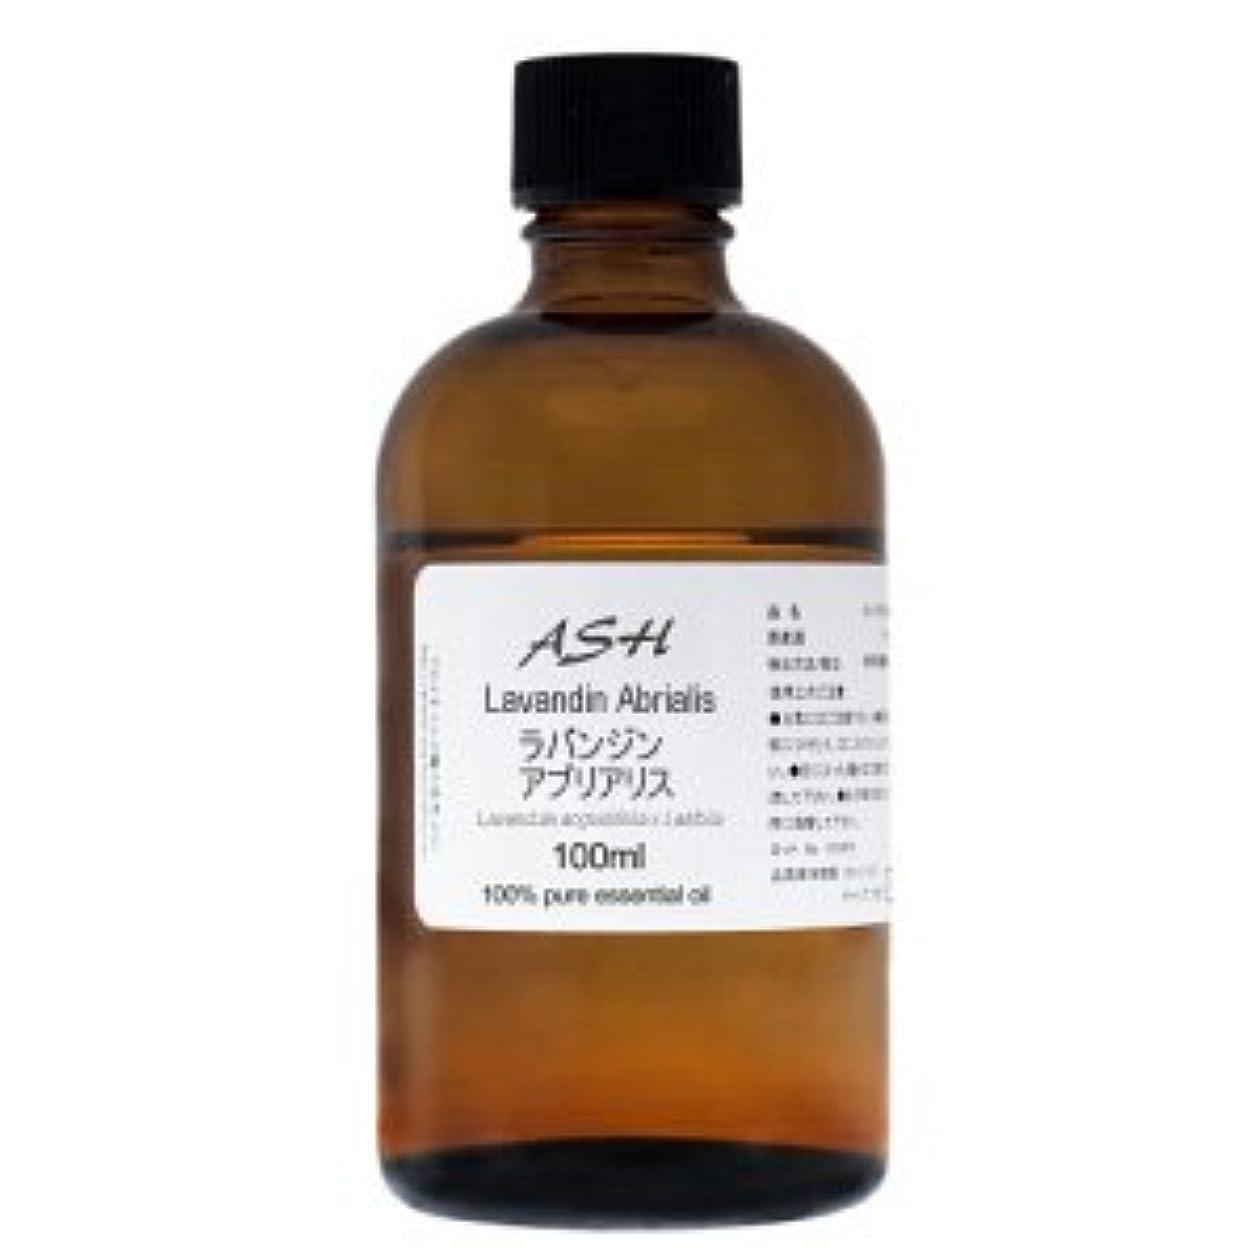 告発噛む病者ASH ラバンジン アブリアリス エッセンシャルオイル 100ml AEAJ表示基準適合認定精油